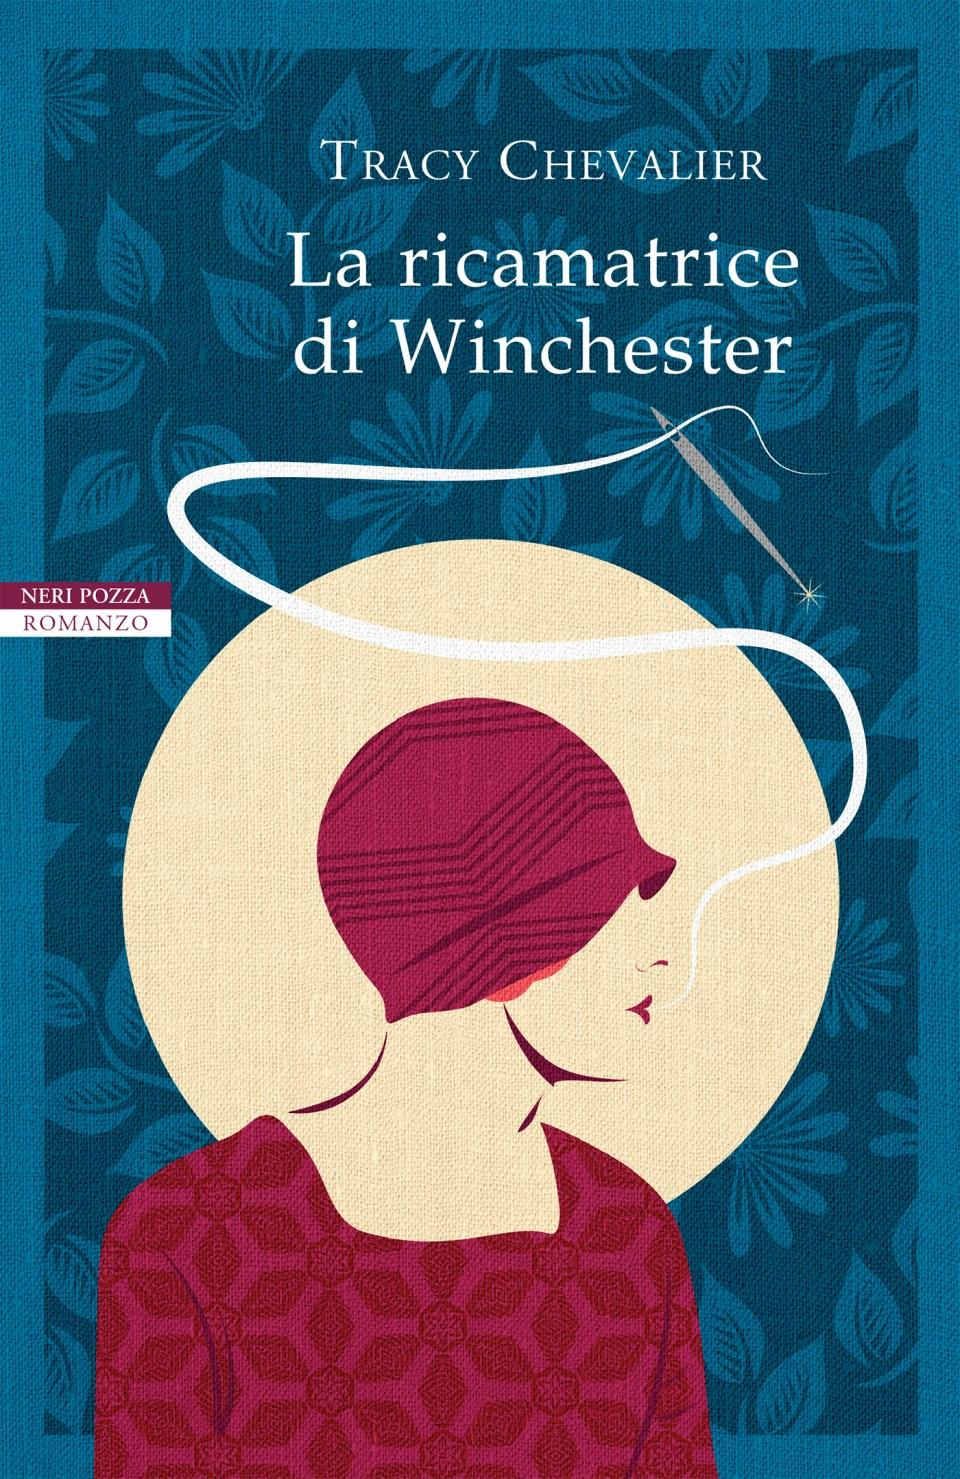 La ricamatrice di Winchester Book Cover